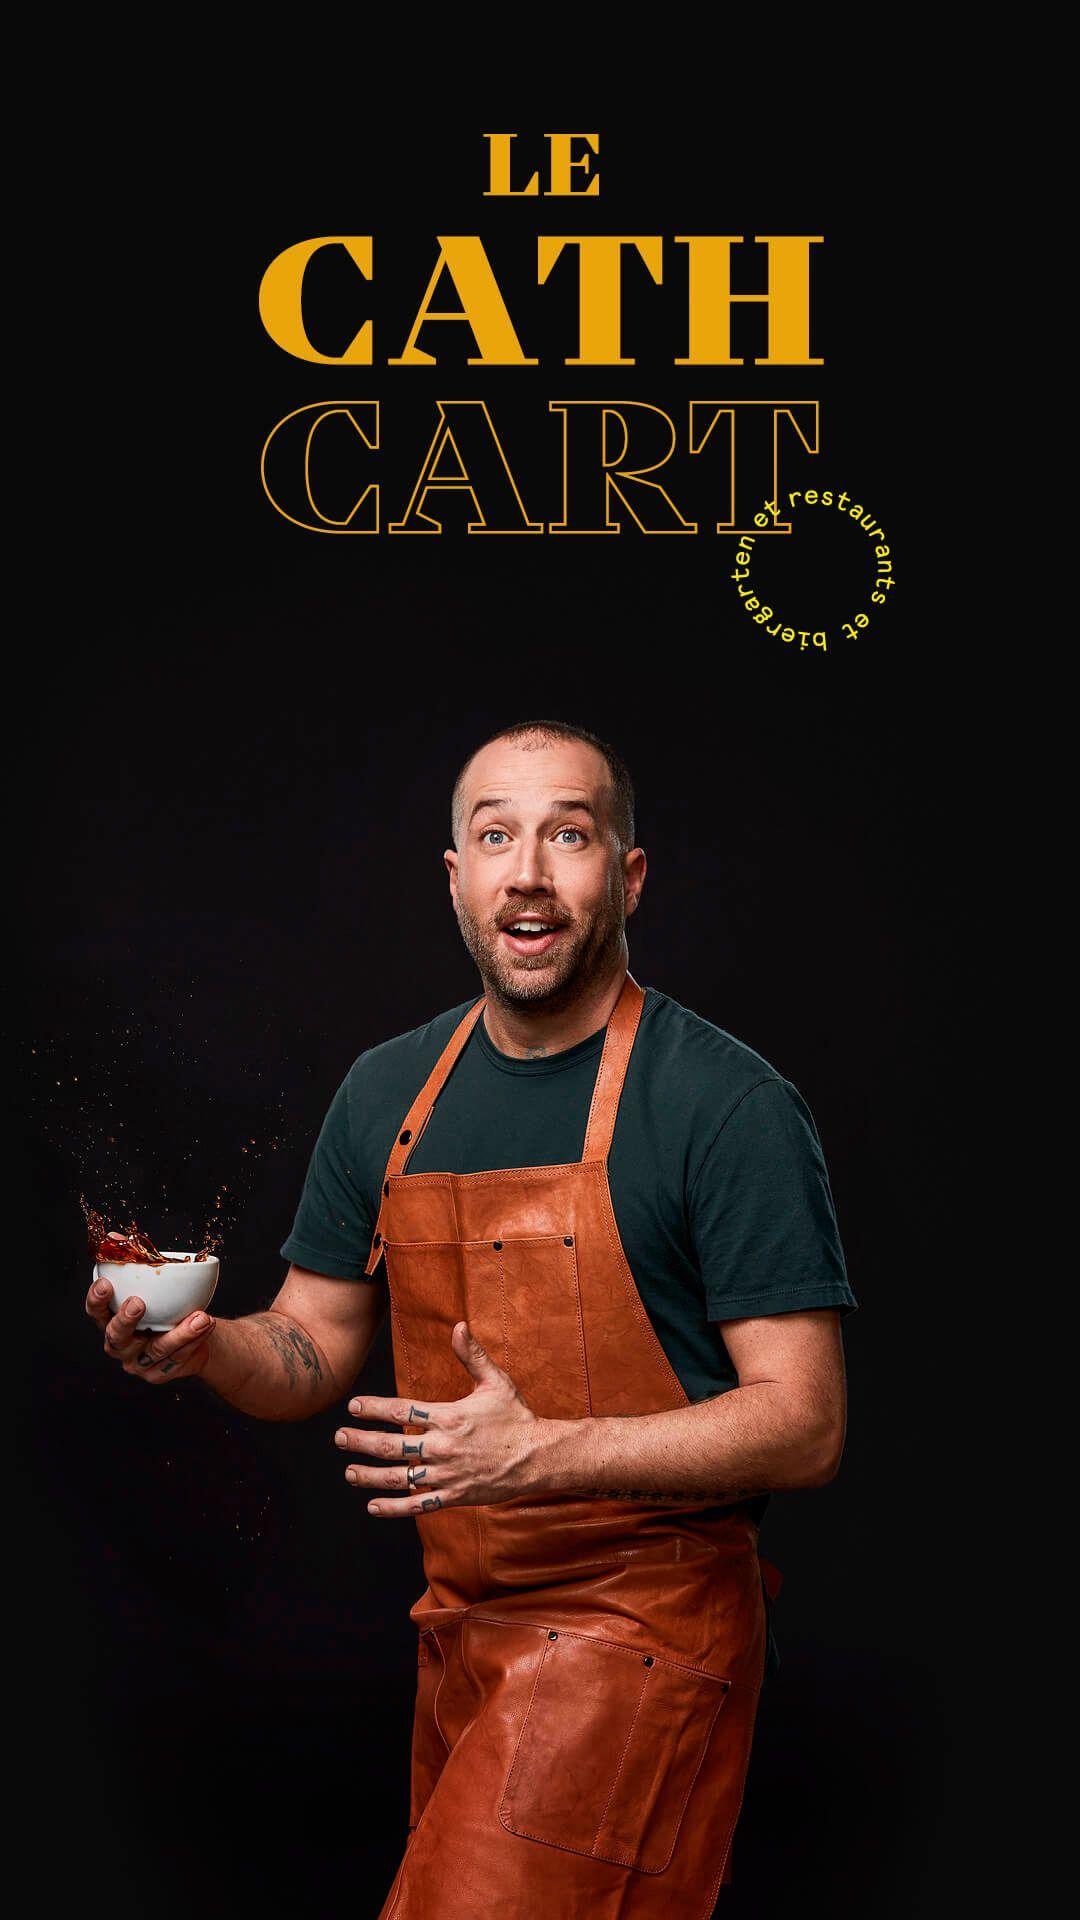 Blake Mackay by Jocelyn Michel for Cathcart restaurant